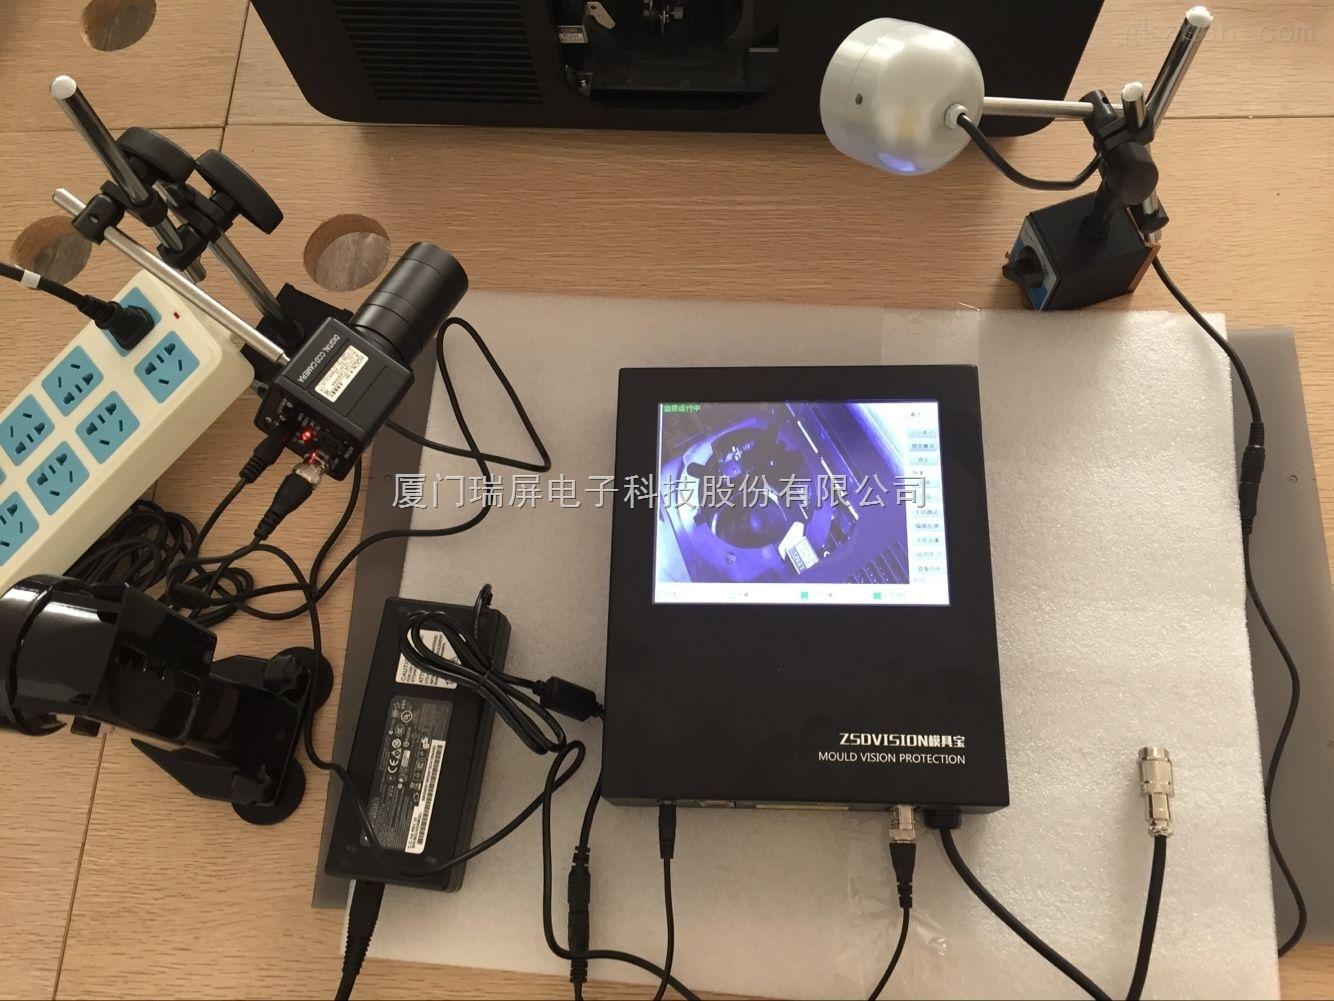 厦门中视达模具监视器可以实现保护模具设备的监视器